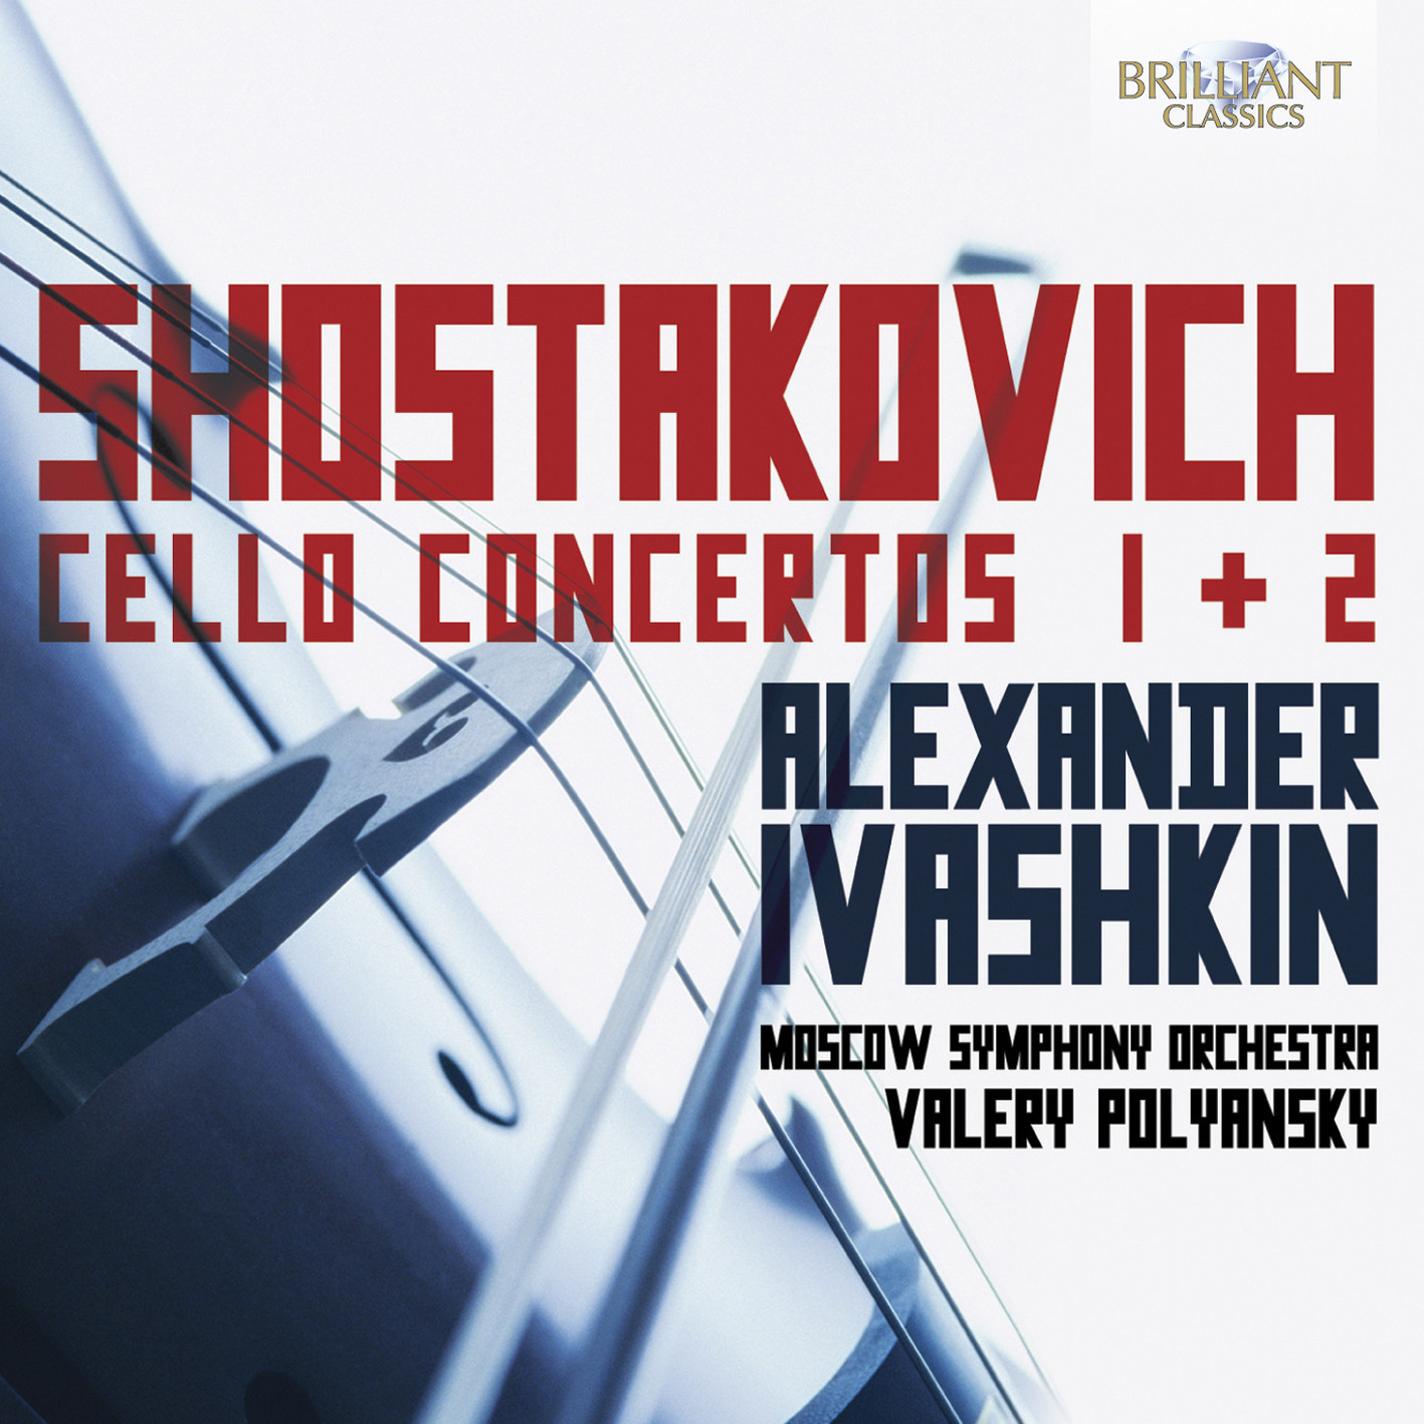 SHOSTAKOVICH, D : Cello Concertos Nos  1 and 2 (Ivashkin